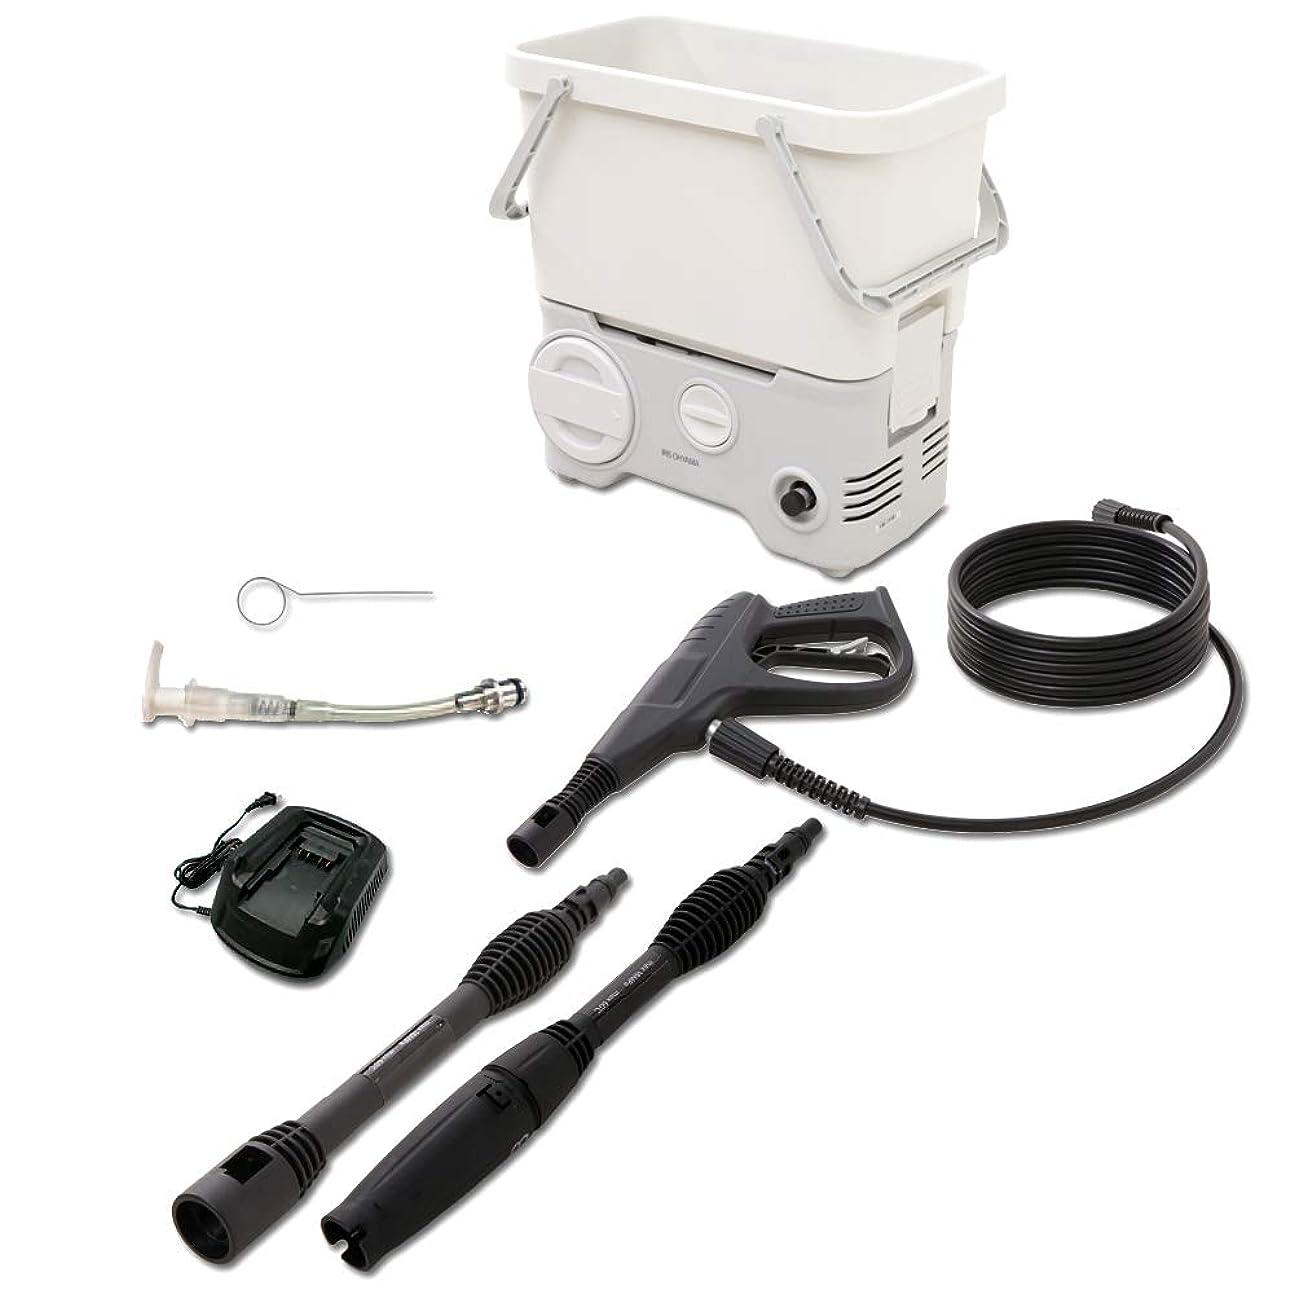 コットン脊椎早熟アイリスオーヤマ 充電式 高圧洗浄機 タンク式 場所を選ばす使用可能 SDT-L01N